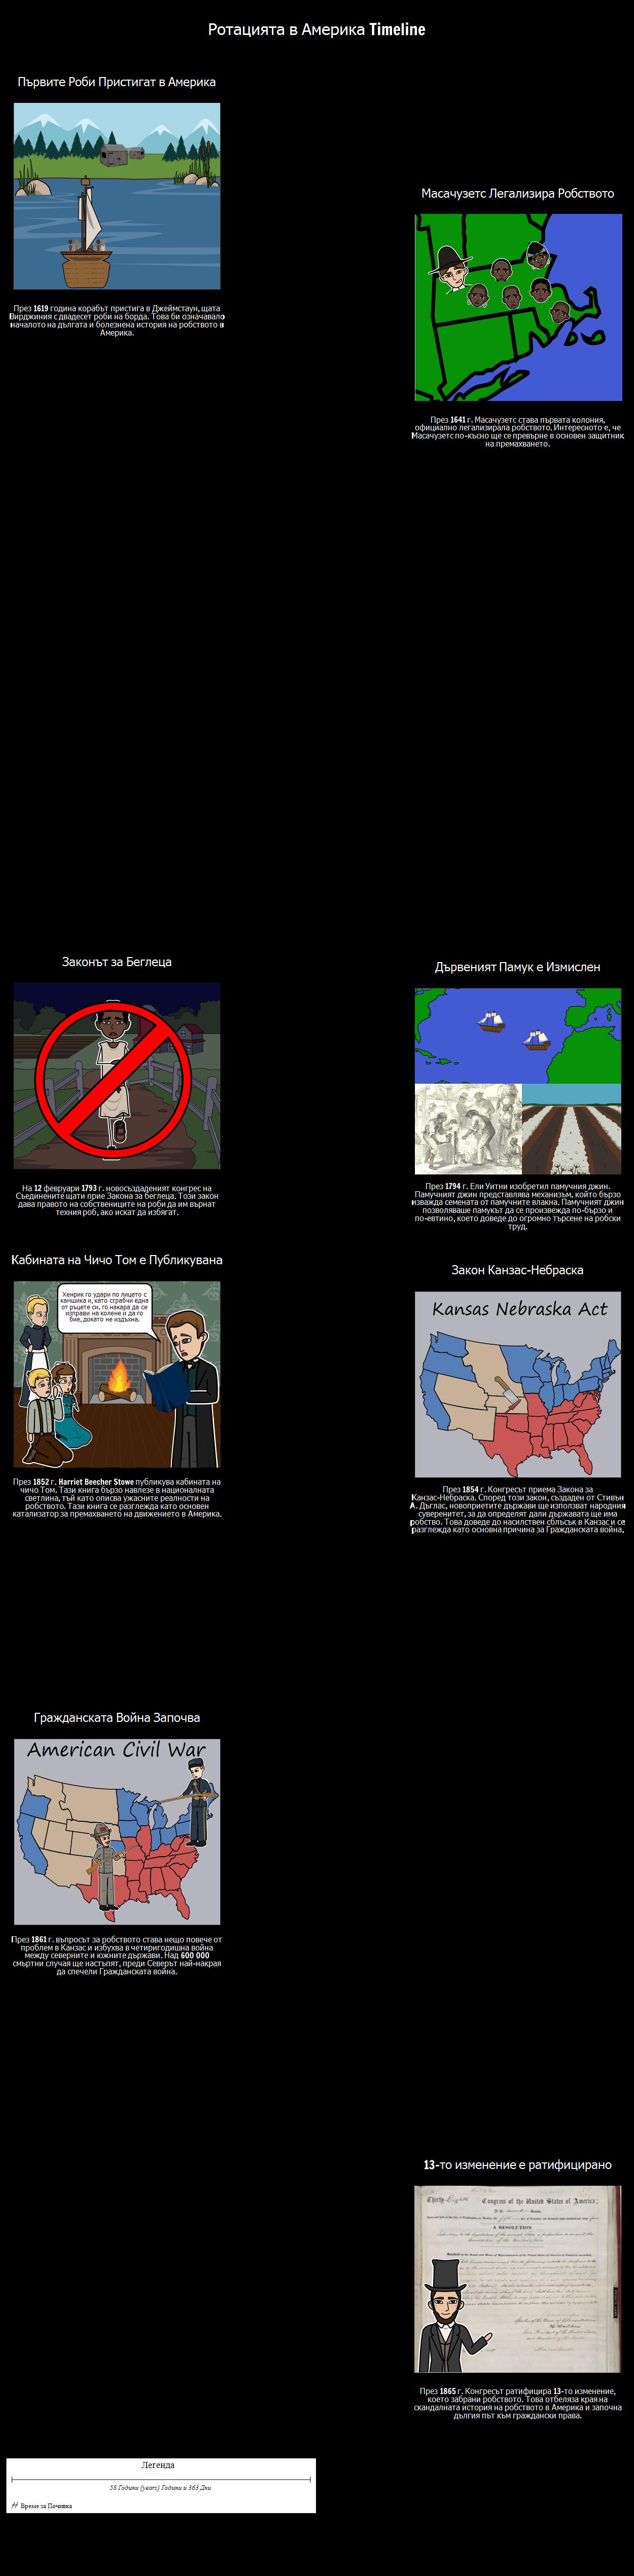 Ротацията в Америка Timeline